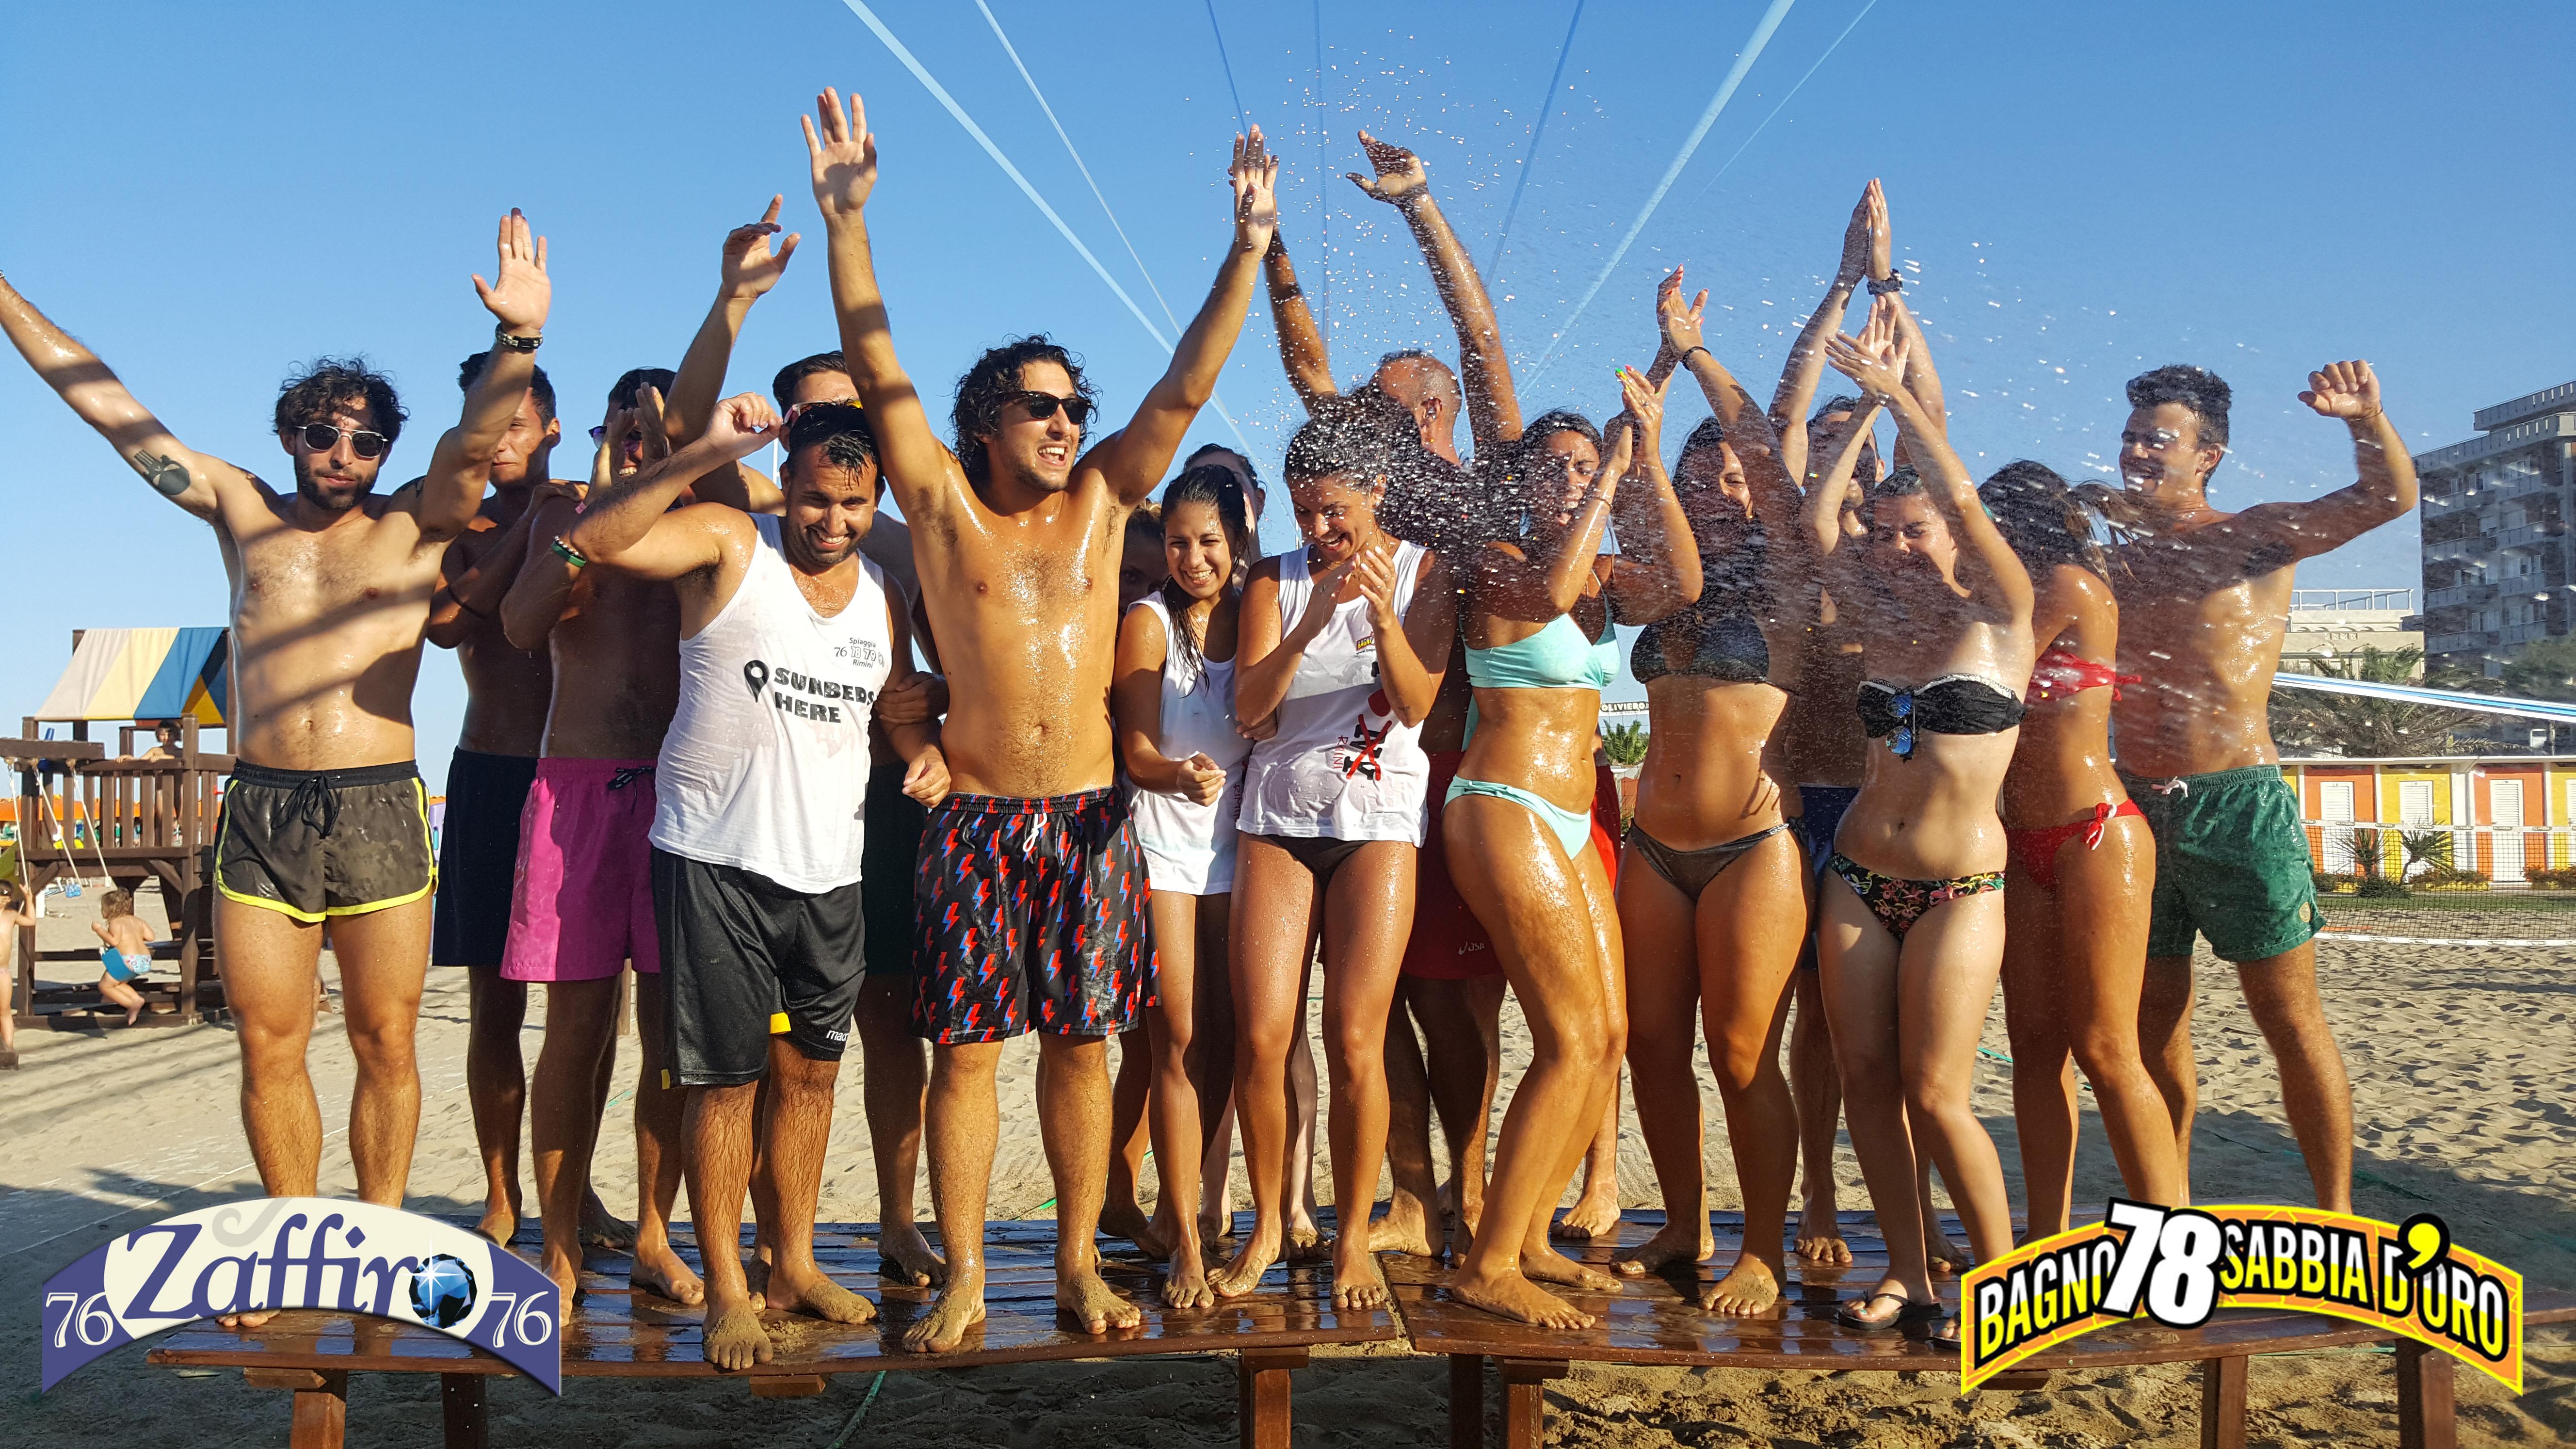 Bagno Conchiglia Casalborsetti Foto Zumba : I servizi del bagno zaffiro spiaggia rimini